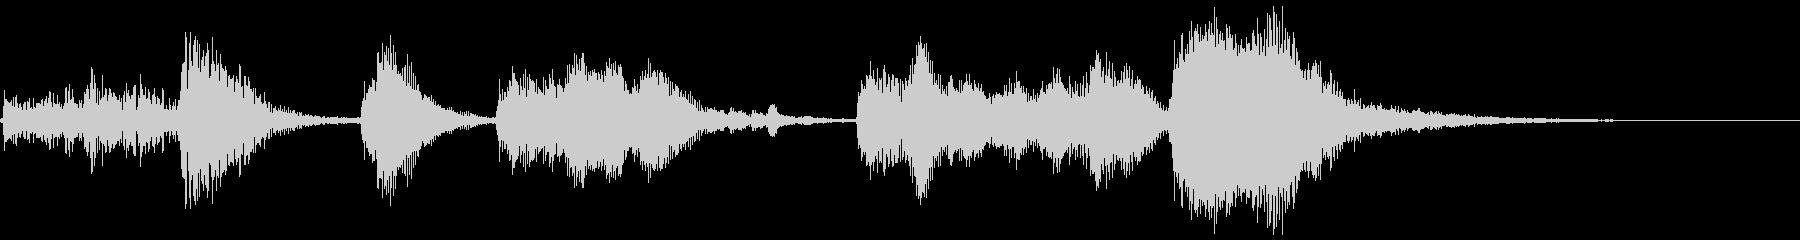 ハロウィン系ジングル1の未再生の波形